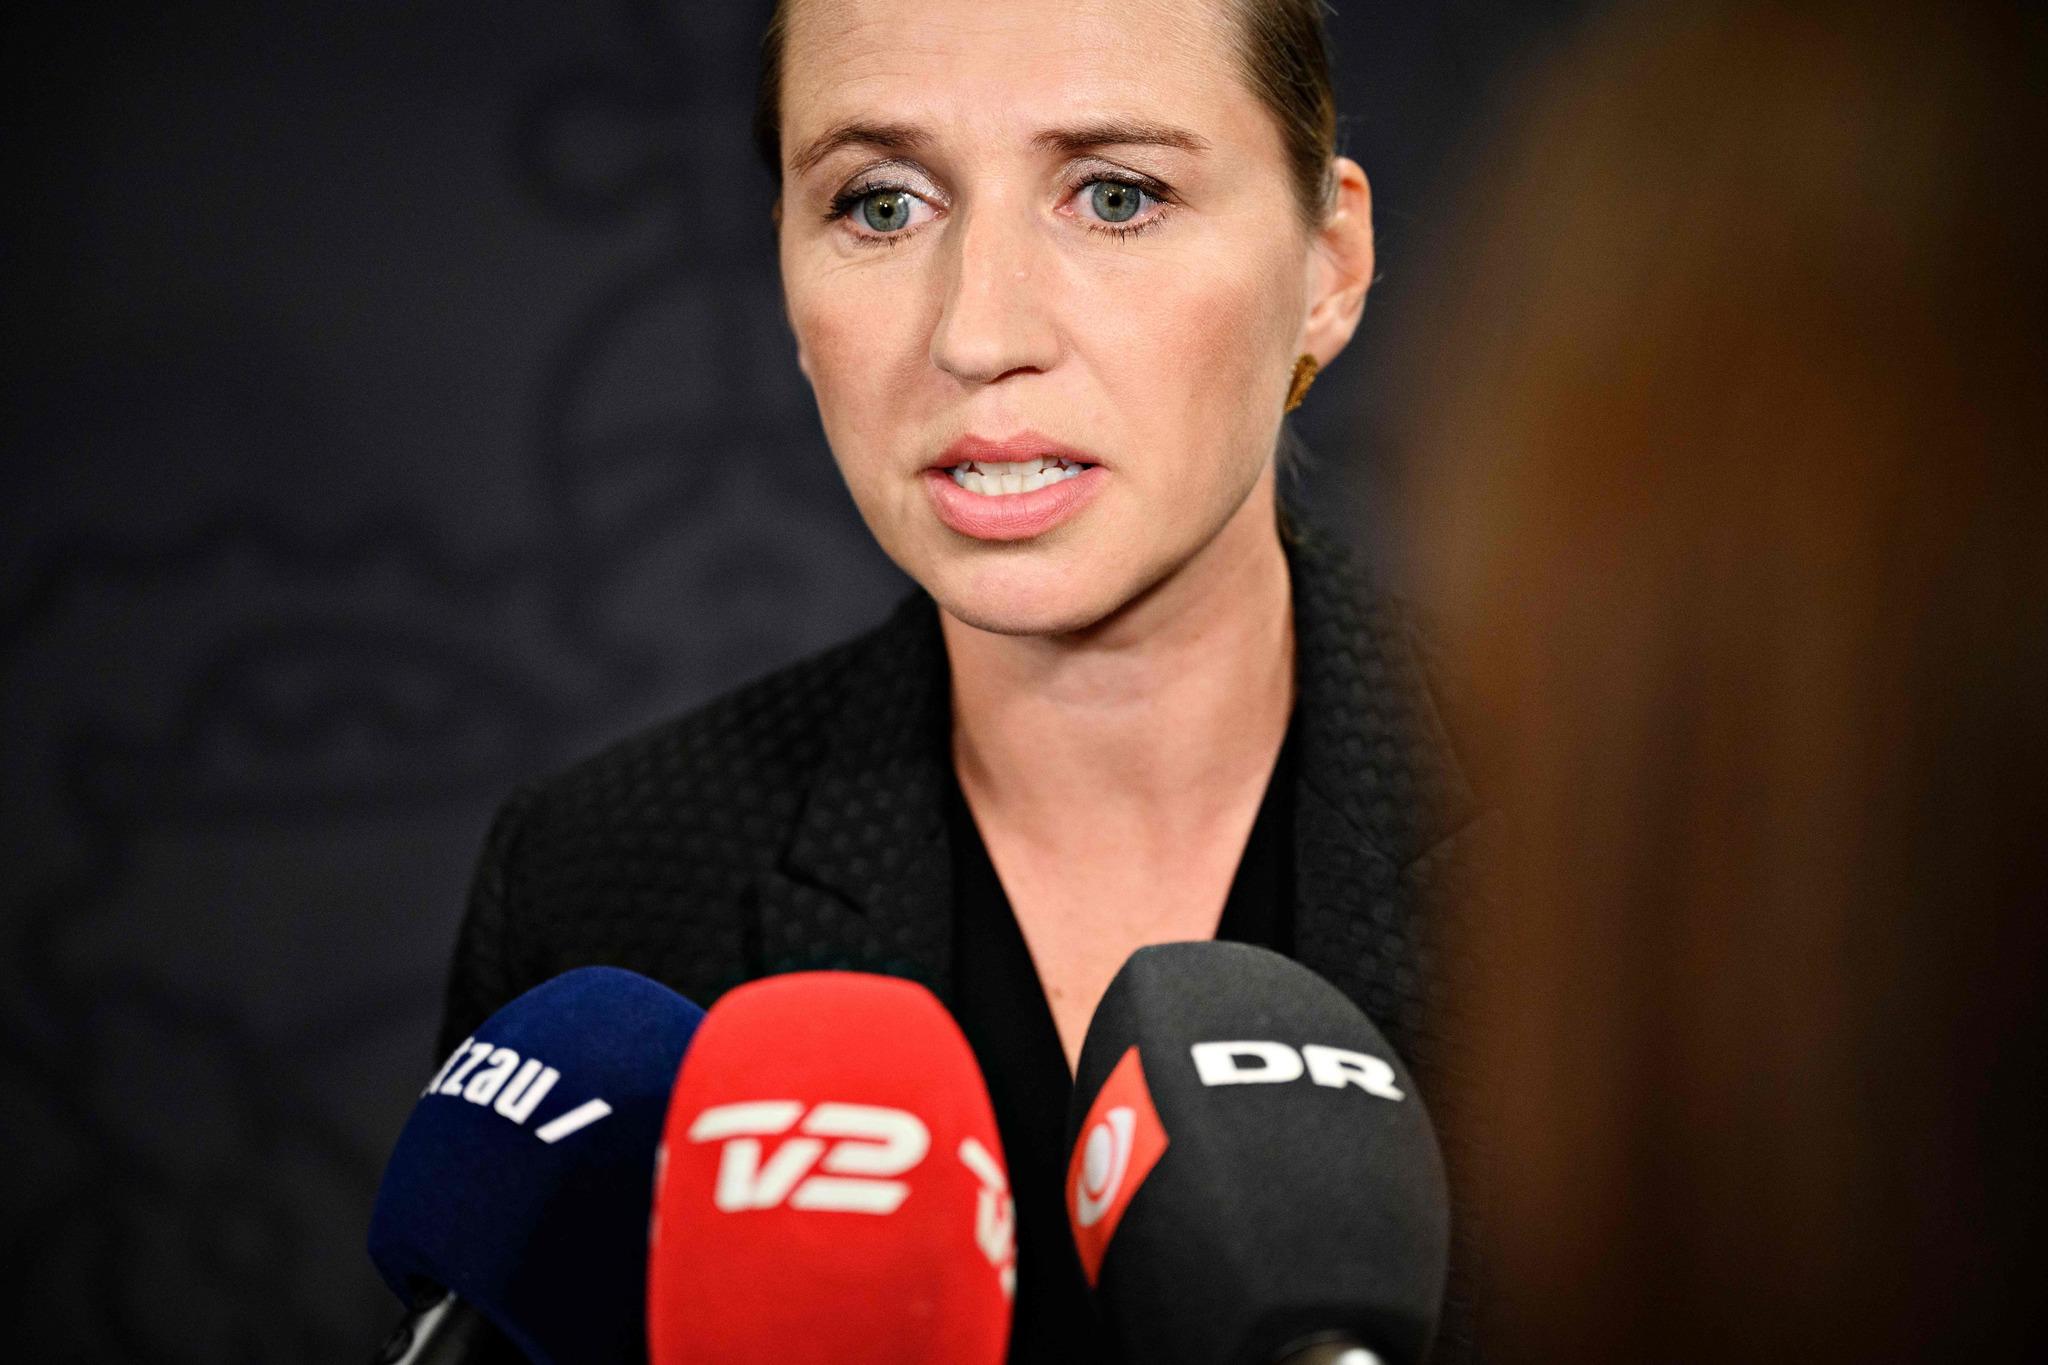 La primera ministra danesa pide perdón por los históricos abusos sexuales en hogares infantiles